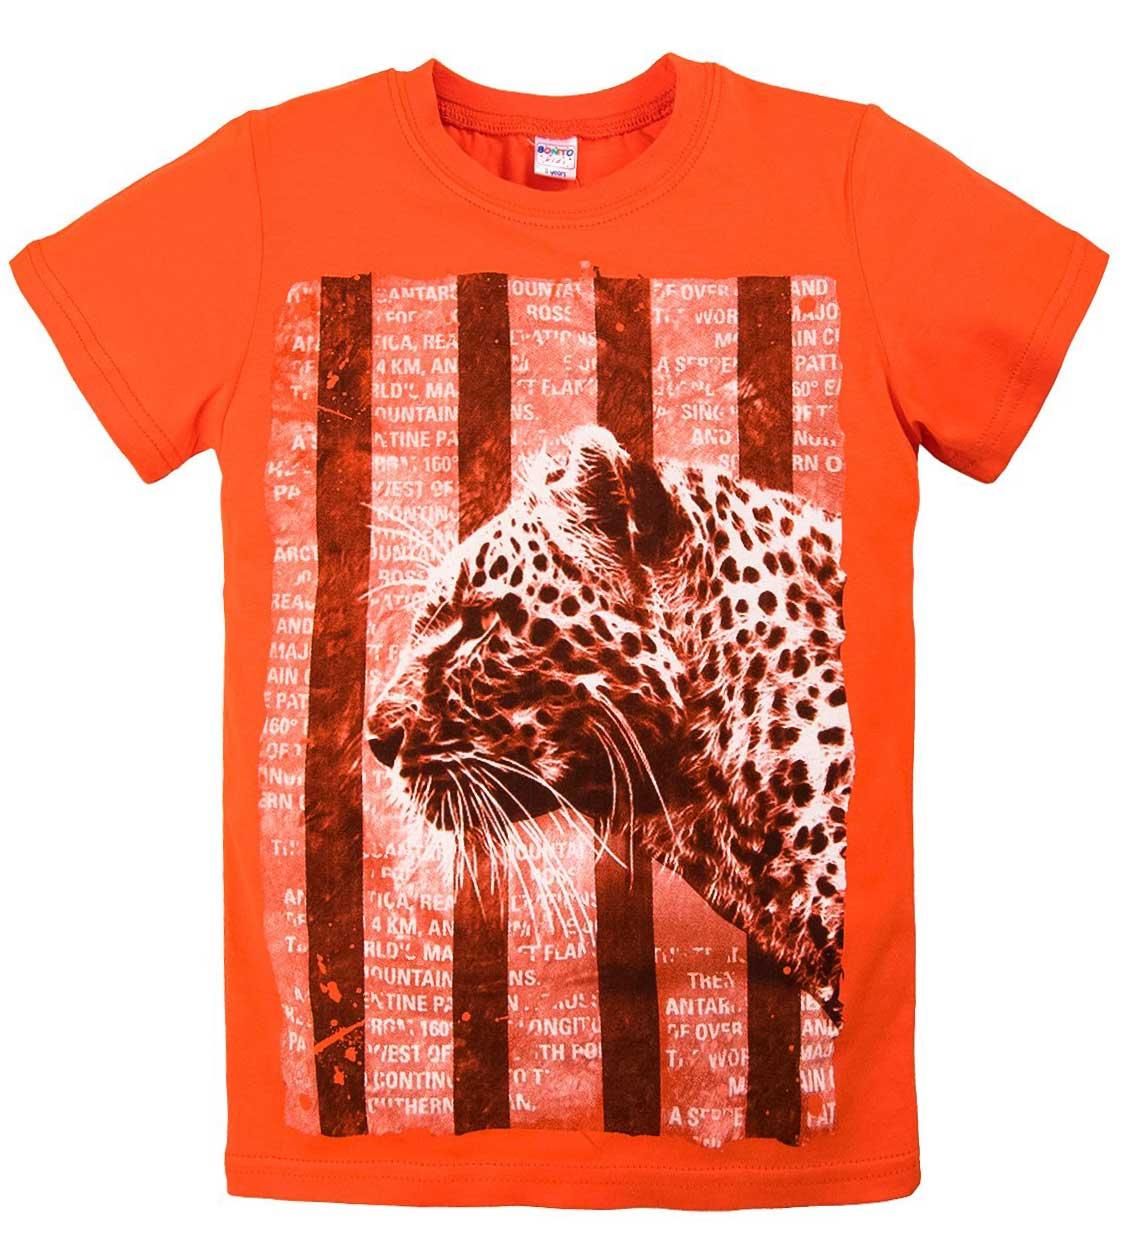 Футболка для мальчика с принтом леопарда оранжевая